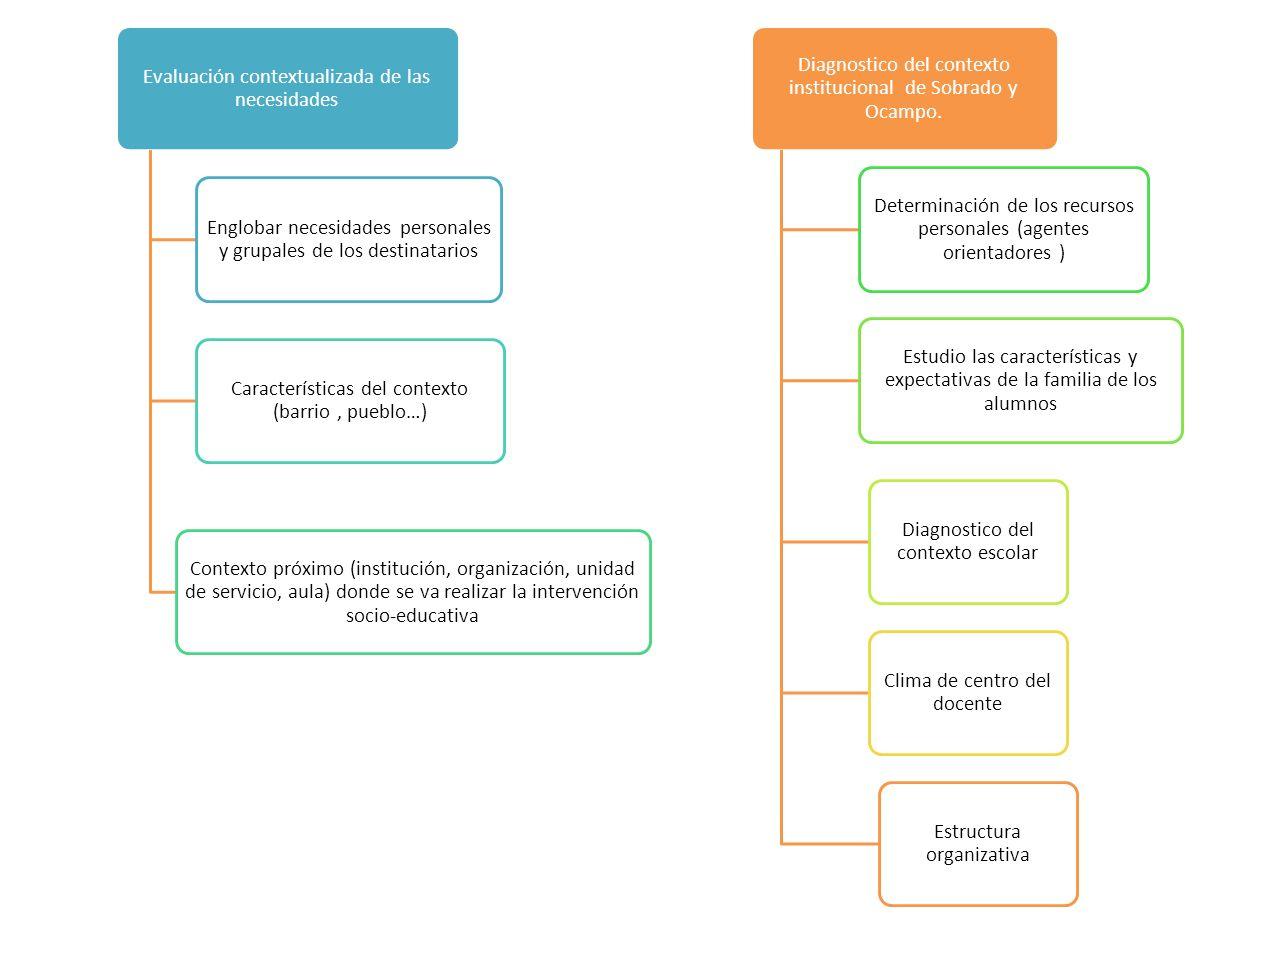 Evaluación contextualizada de las necesidades